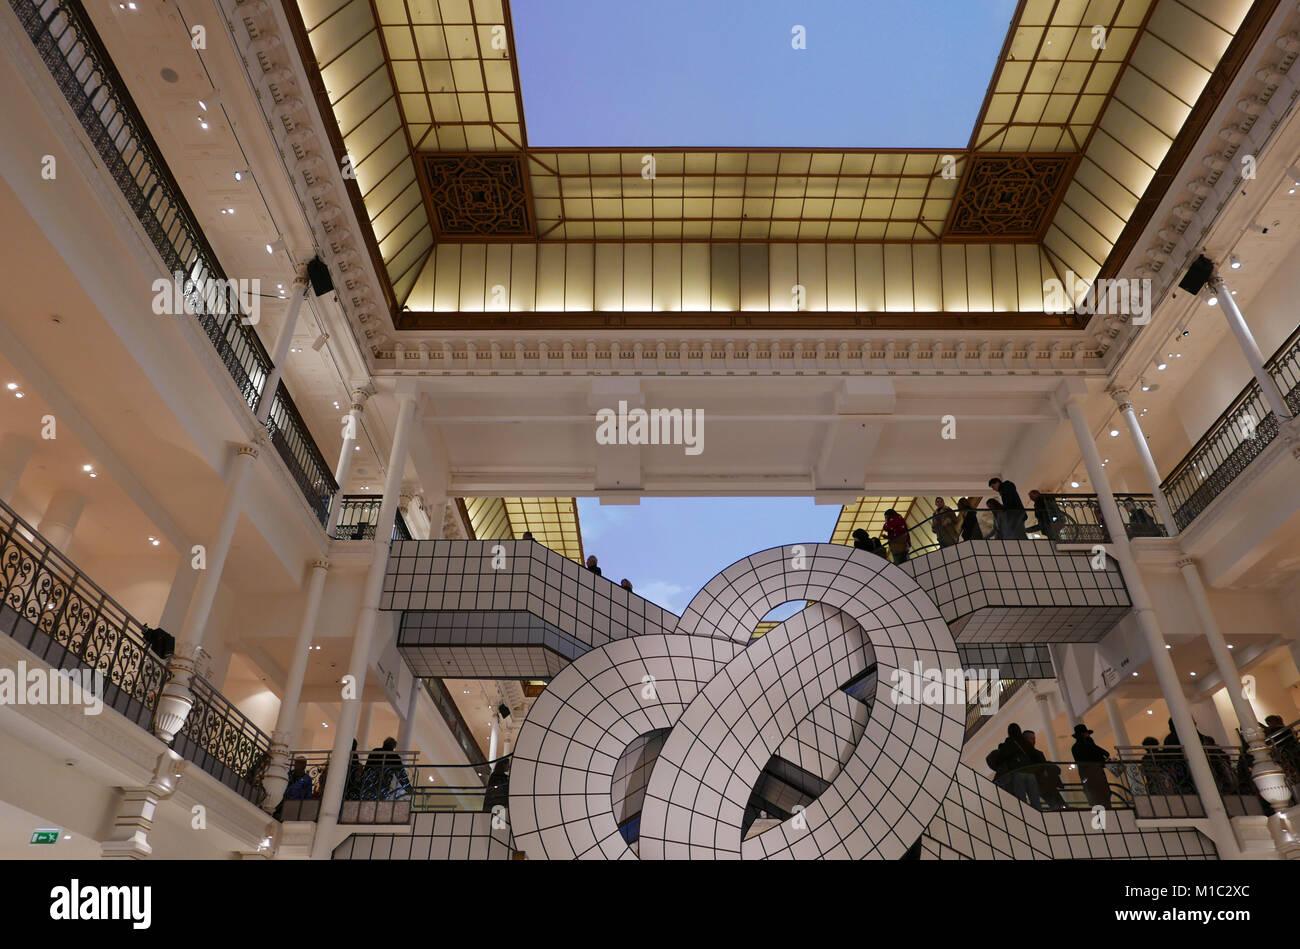 Sous le Ciel, Leandro Erlich exhibition in Le Bon Marche Rive Gauche Department store, Famous escalators designed - Stock Image